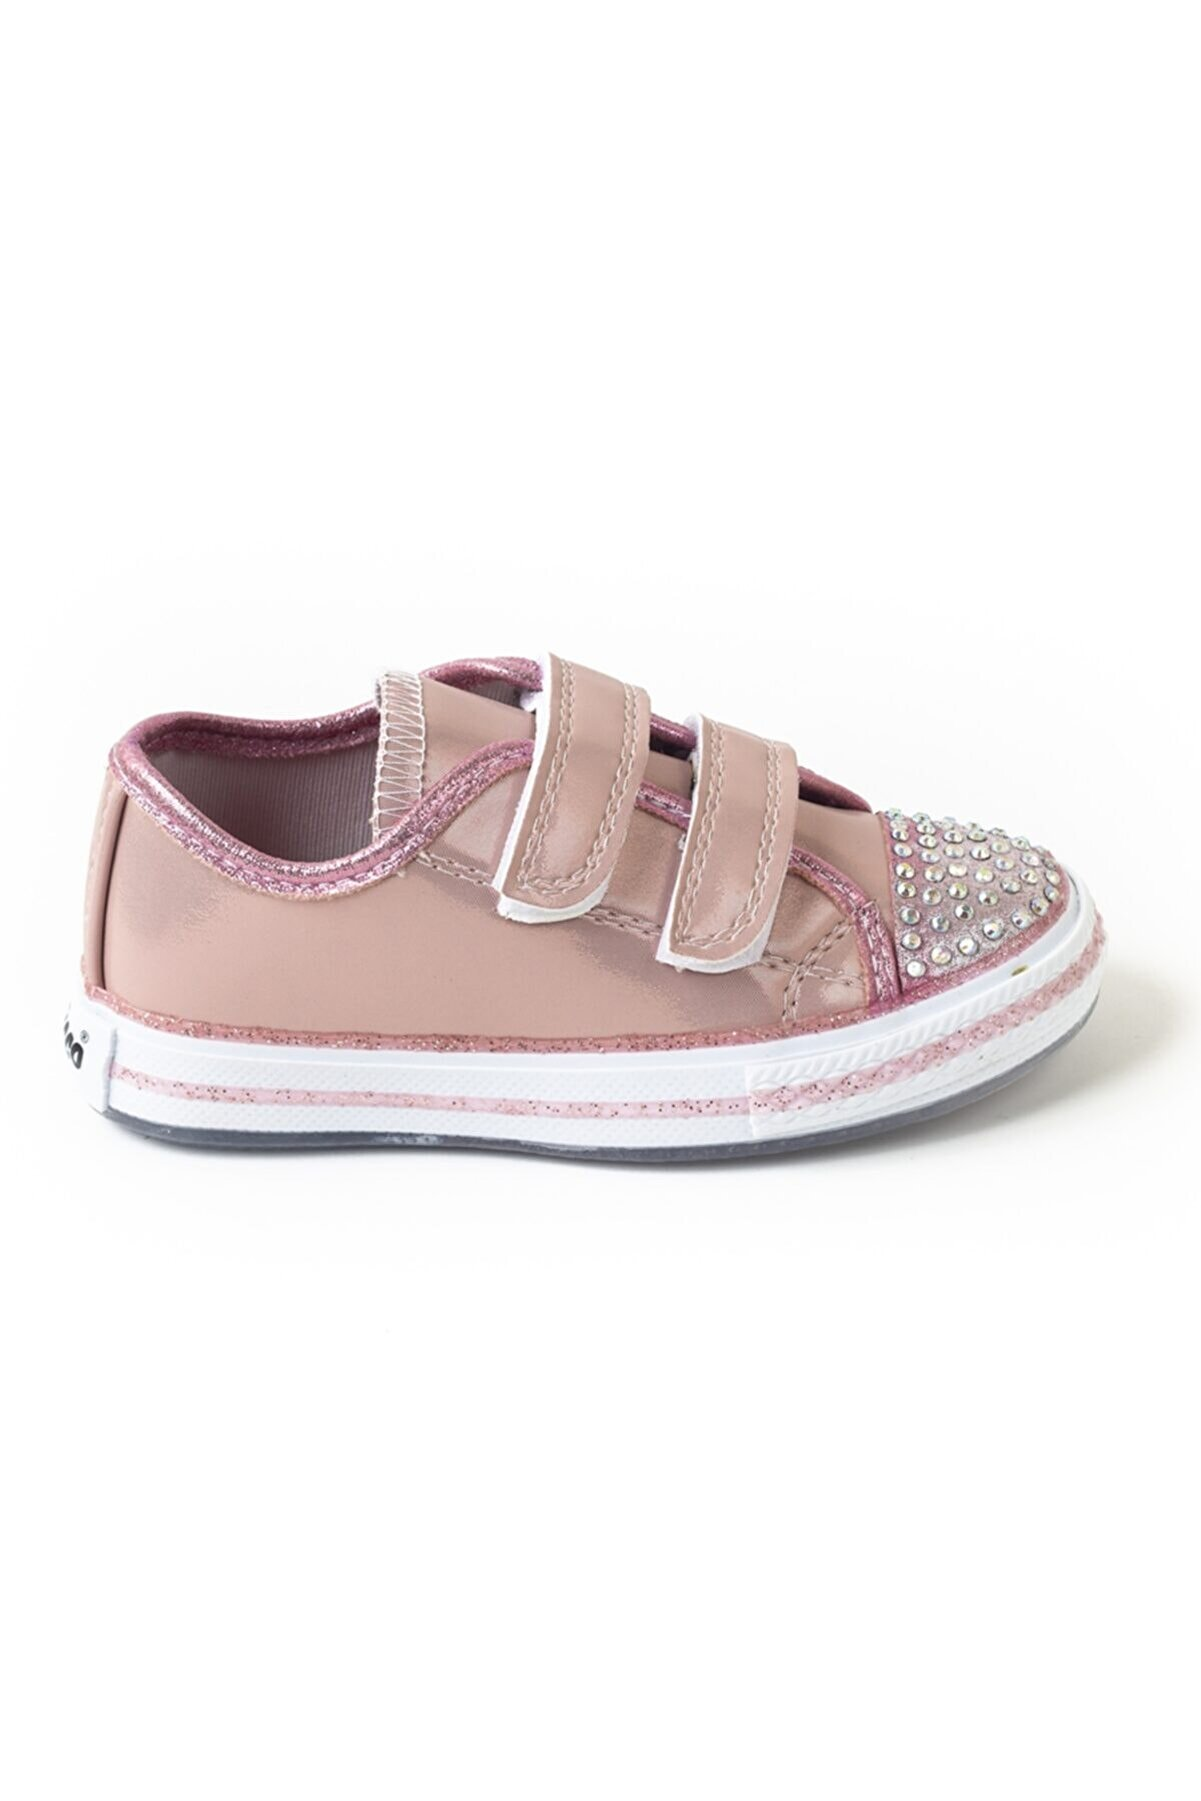 Minipicco Kız Çocuk Pembe Ortopedik Spor Ayakkabı